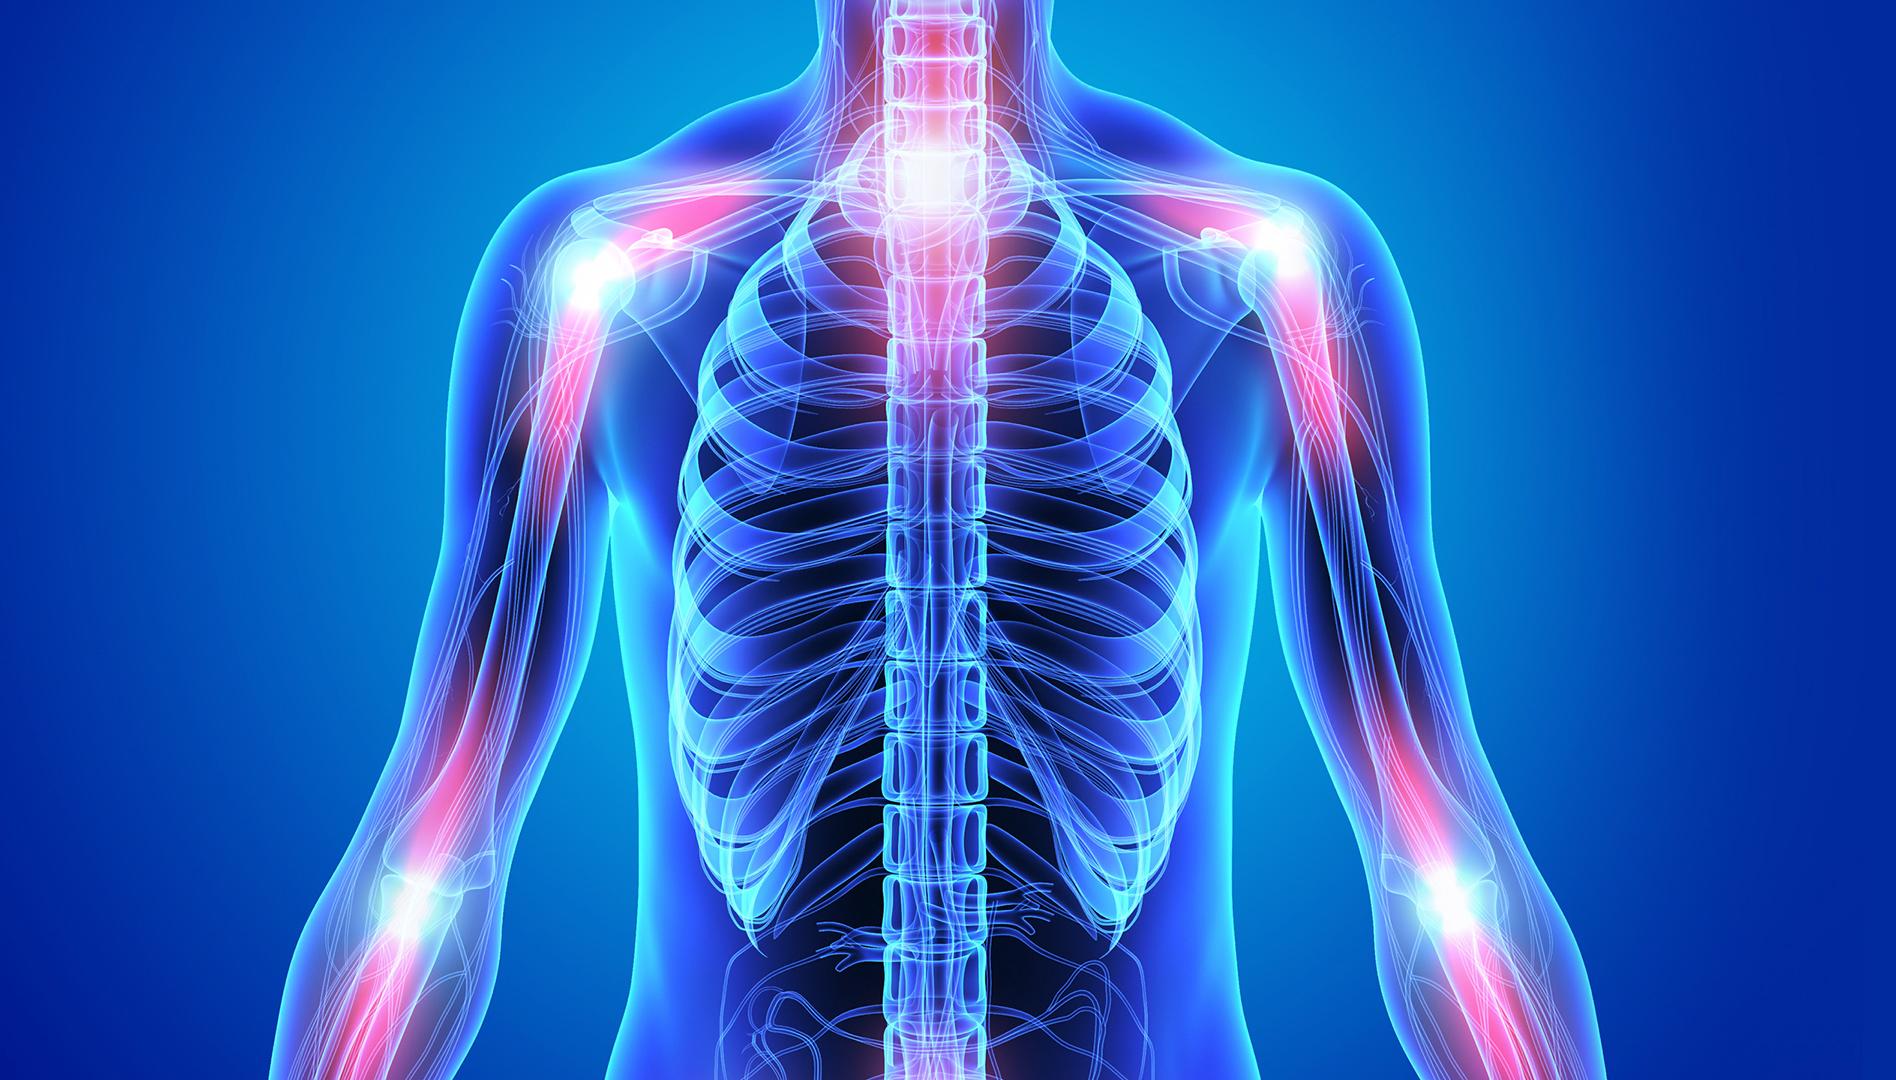 Полиартралгия или артралгия: что это такое, симптомы и лечение недуга